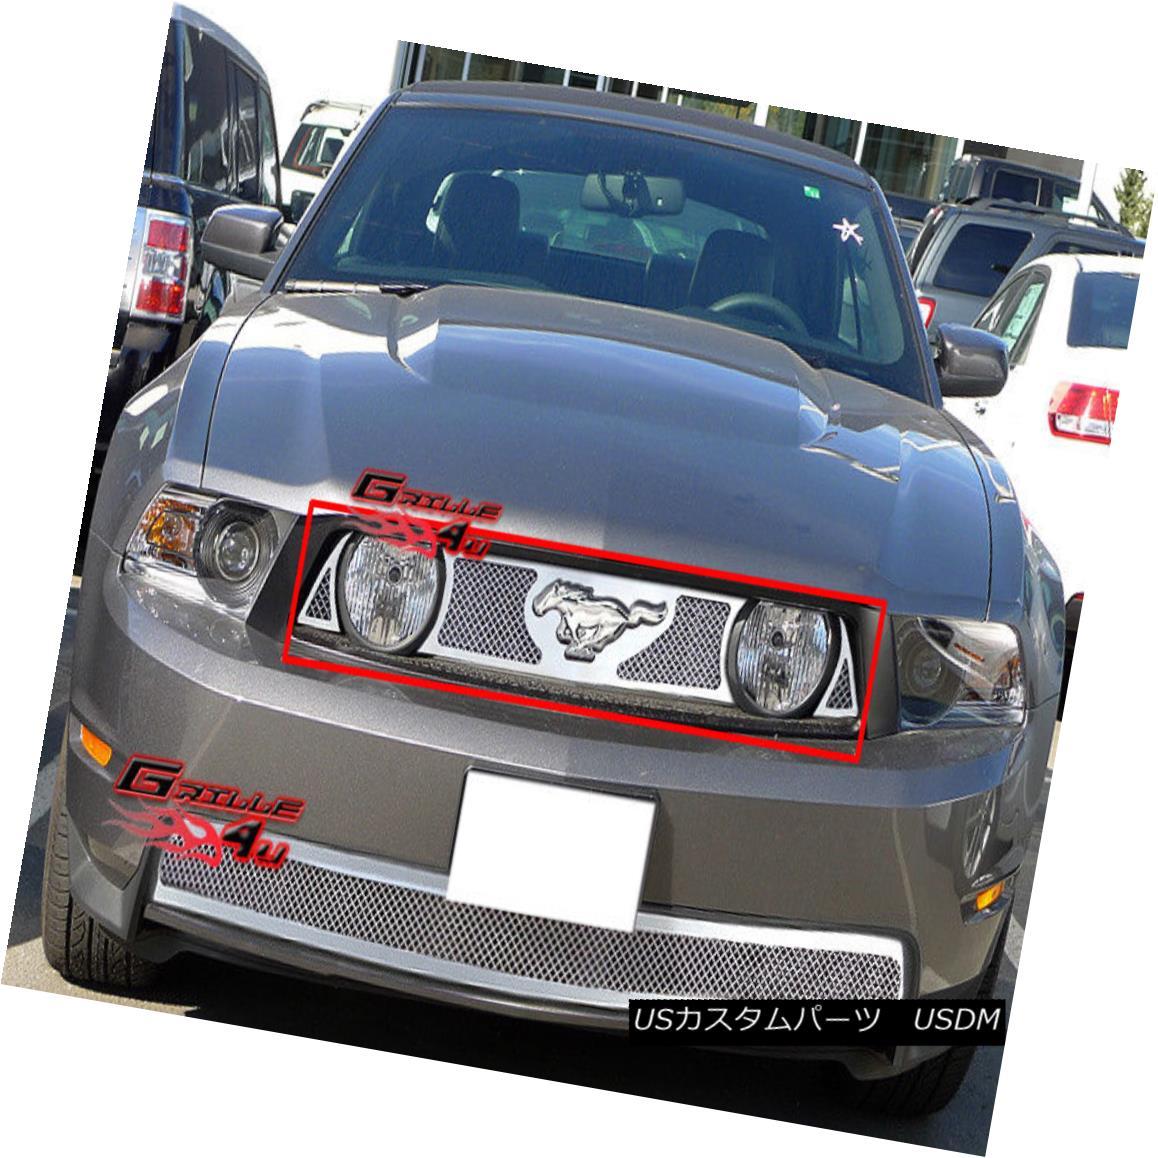 グリル For 2010-2012 Ford Mustang GT V8 Stainless Steel Mesh Grille Grill Insert 2010-2012 Ford Mustang GT V8ステンレスメッシュグリルグリルインサート